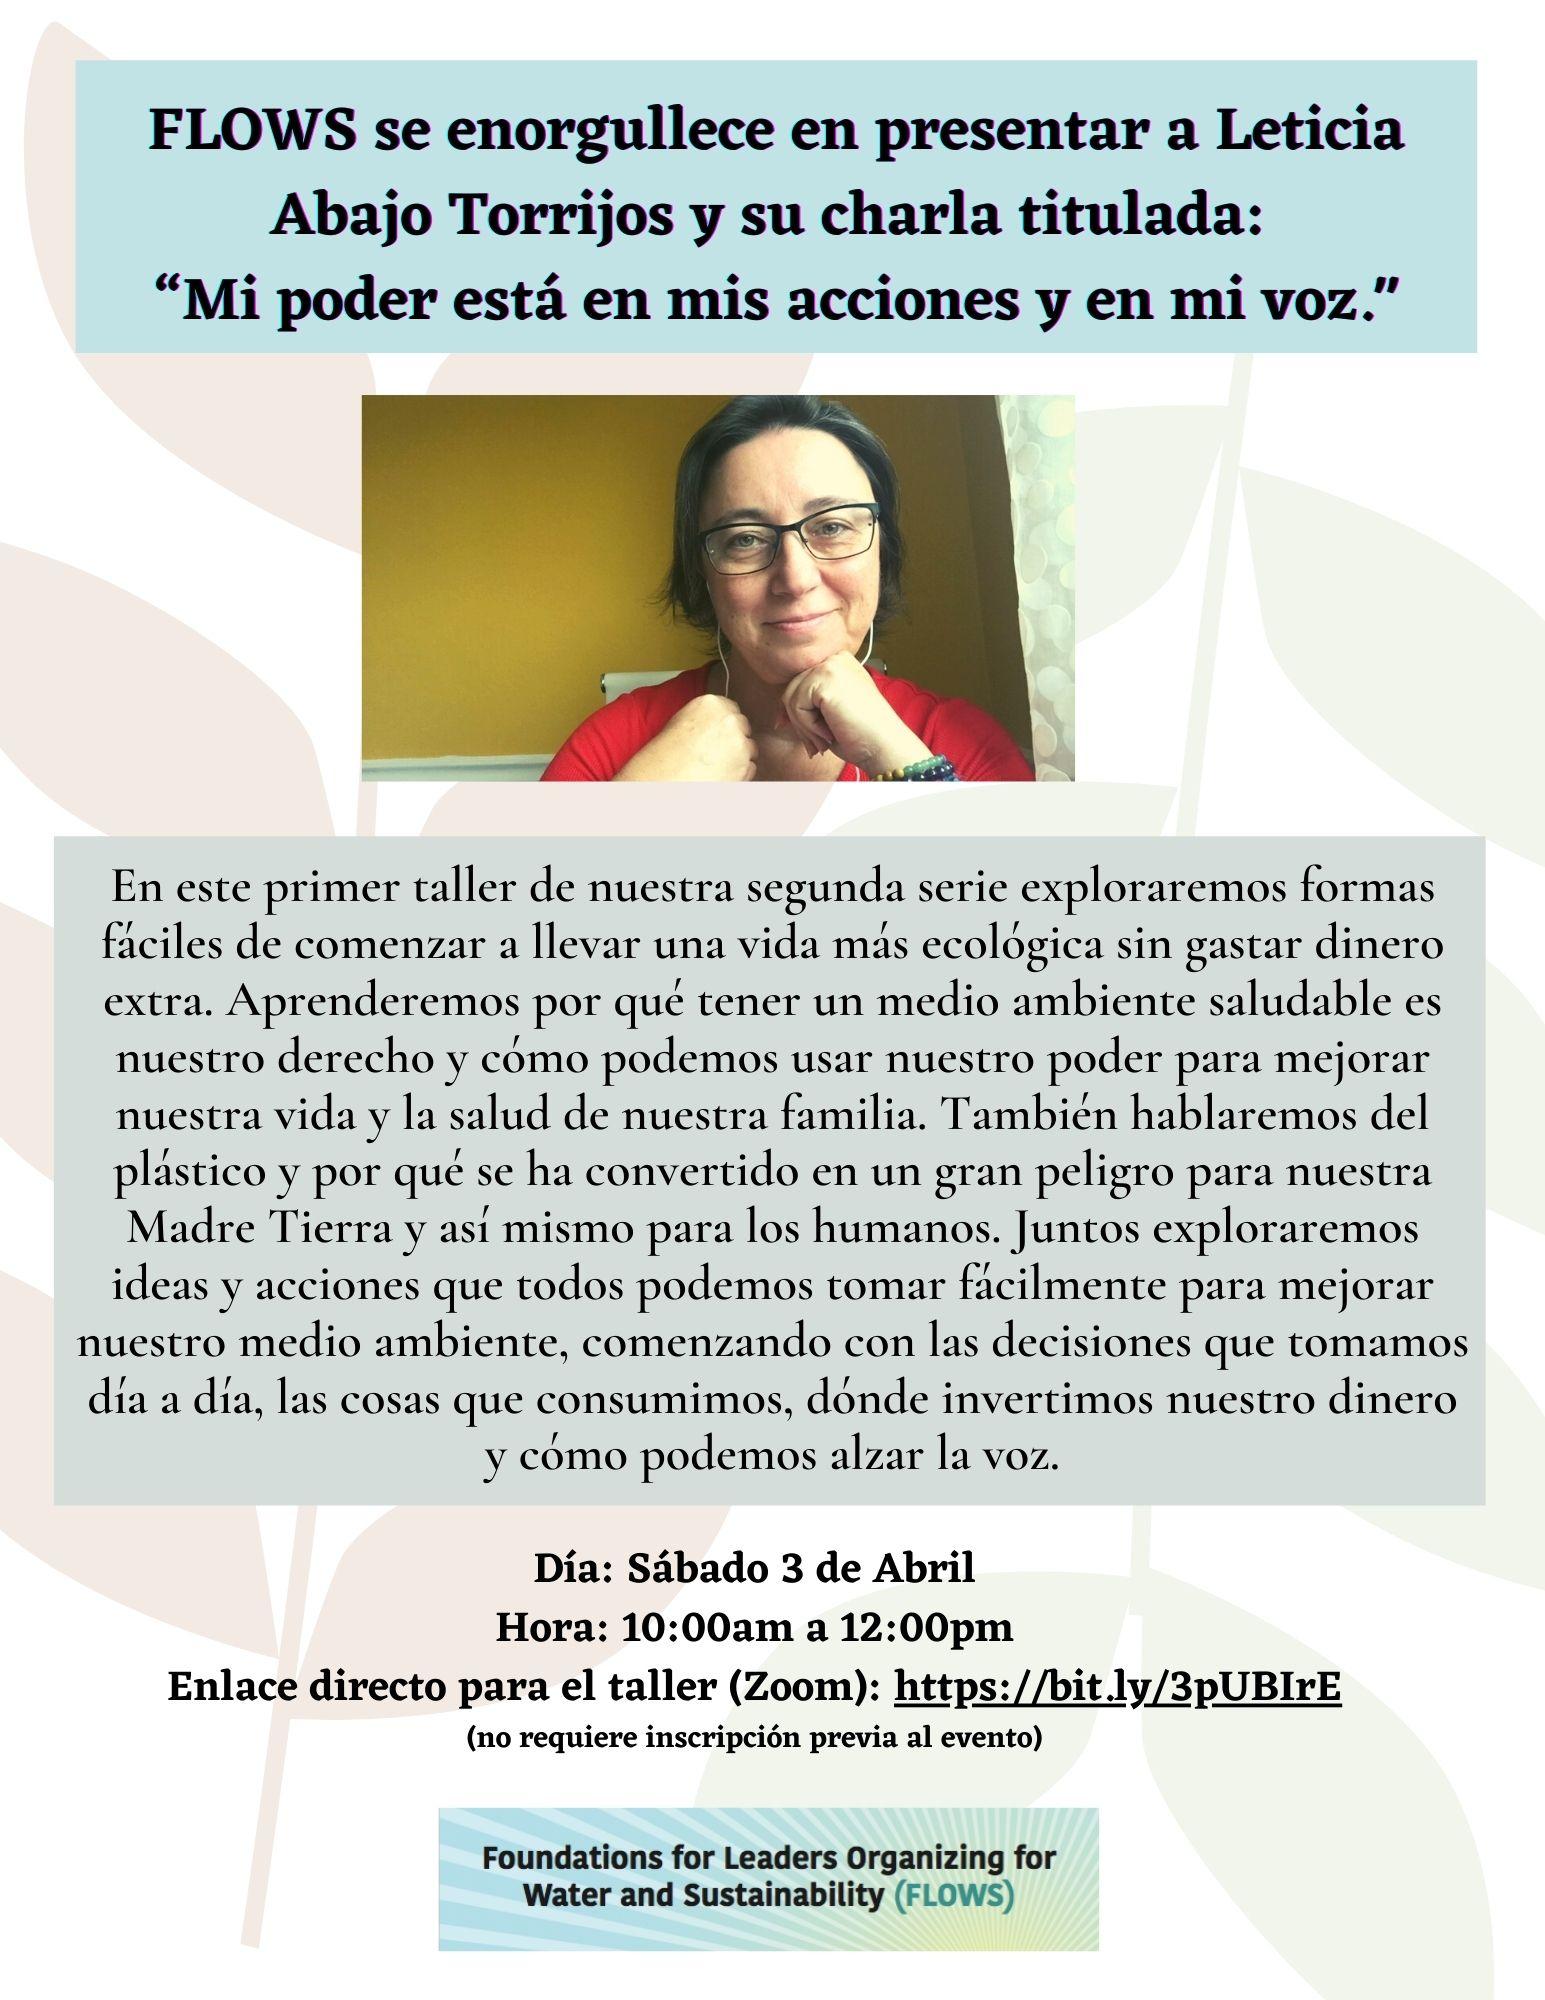 """FLOWS se enorgullece en presentar a Leticia Abajo Torrijos y su charla titulada: """"Mi poder está en mis acciones y en mi voz."""""""